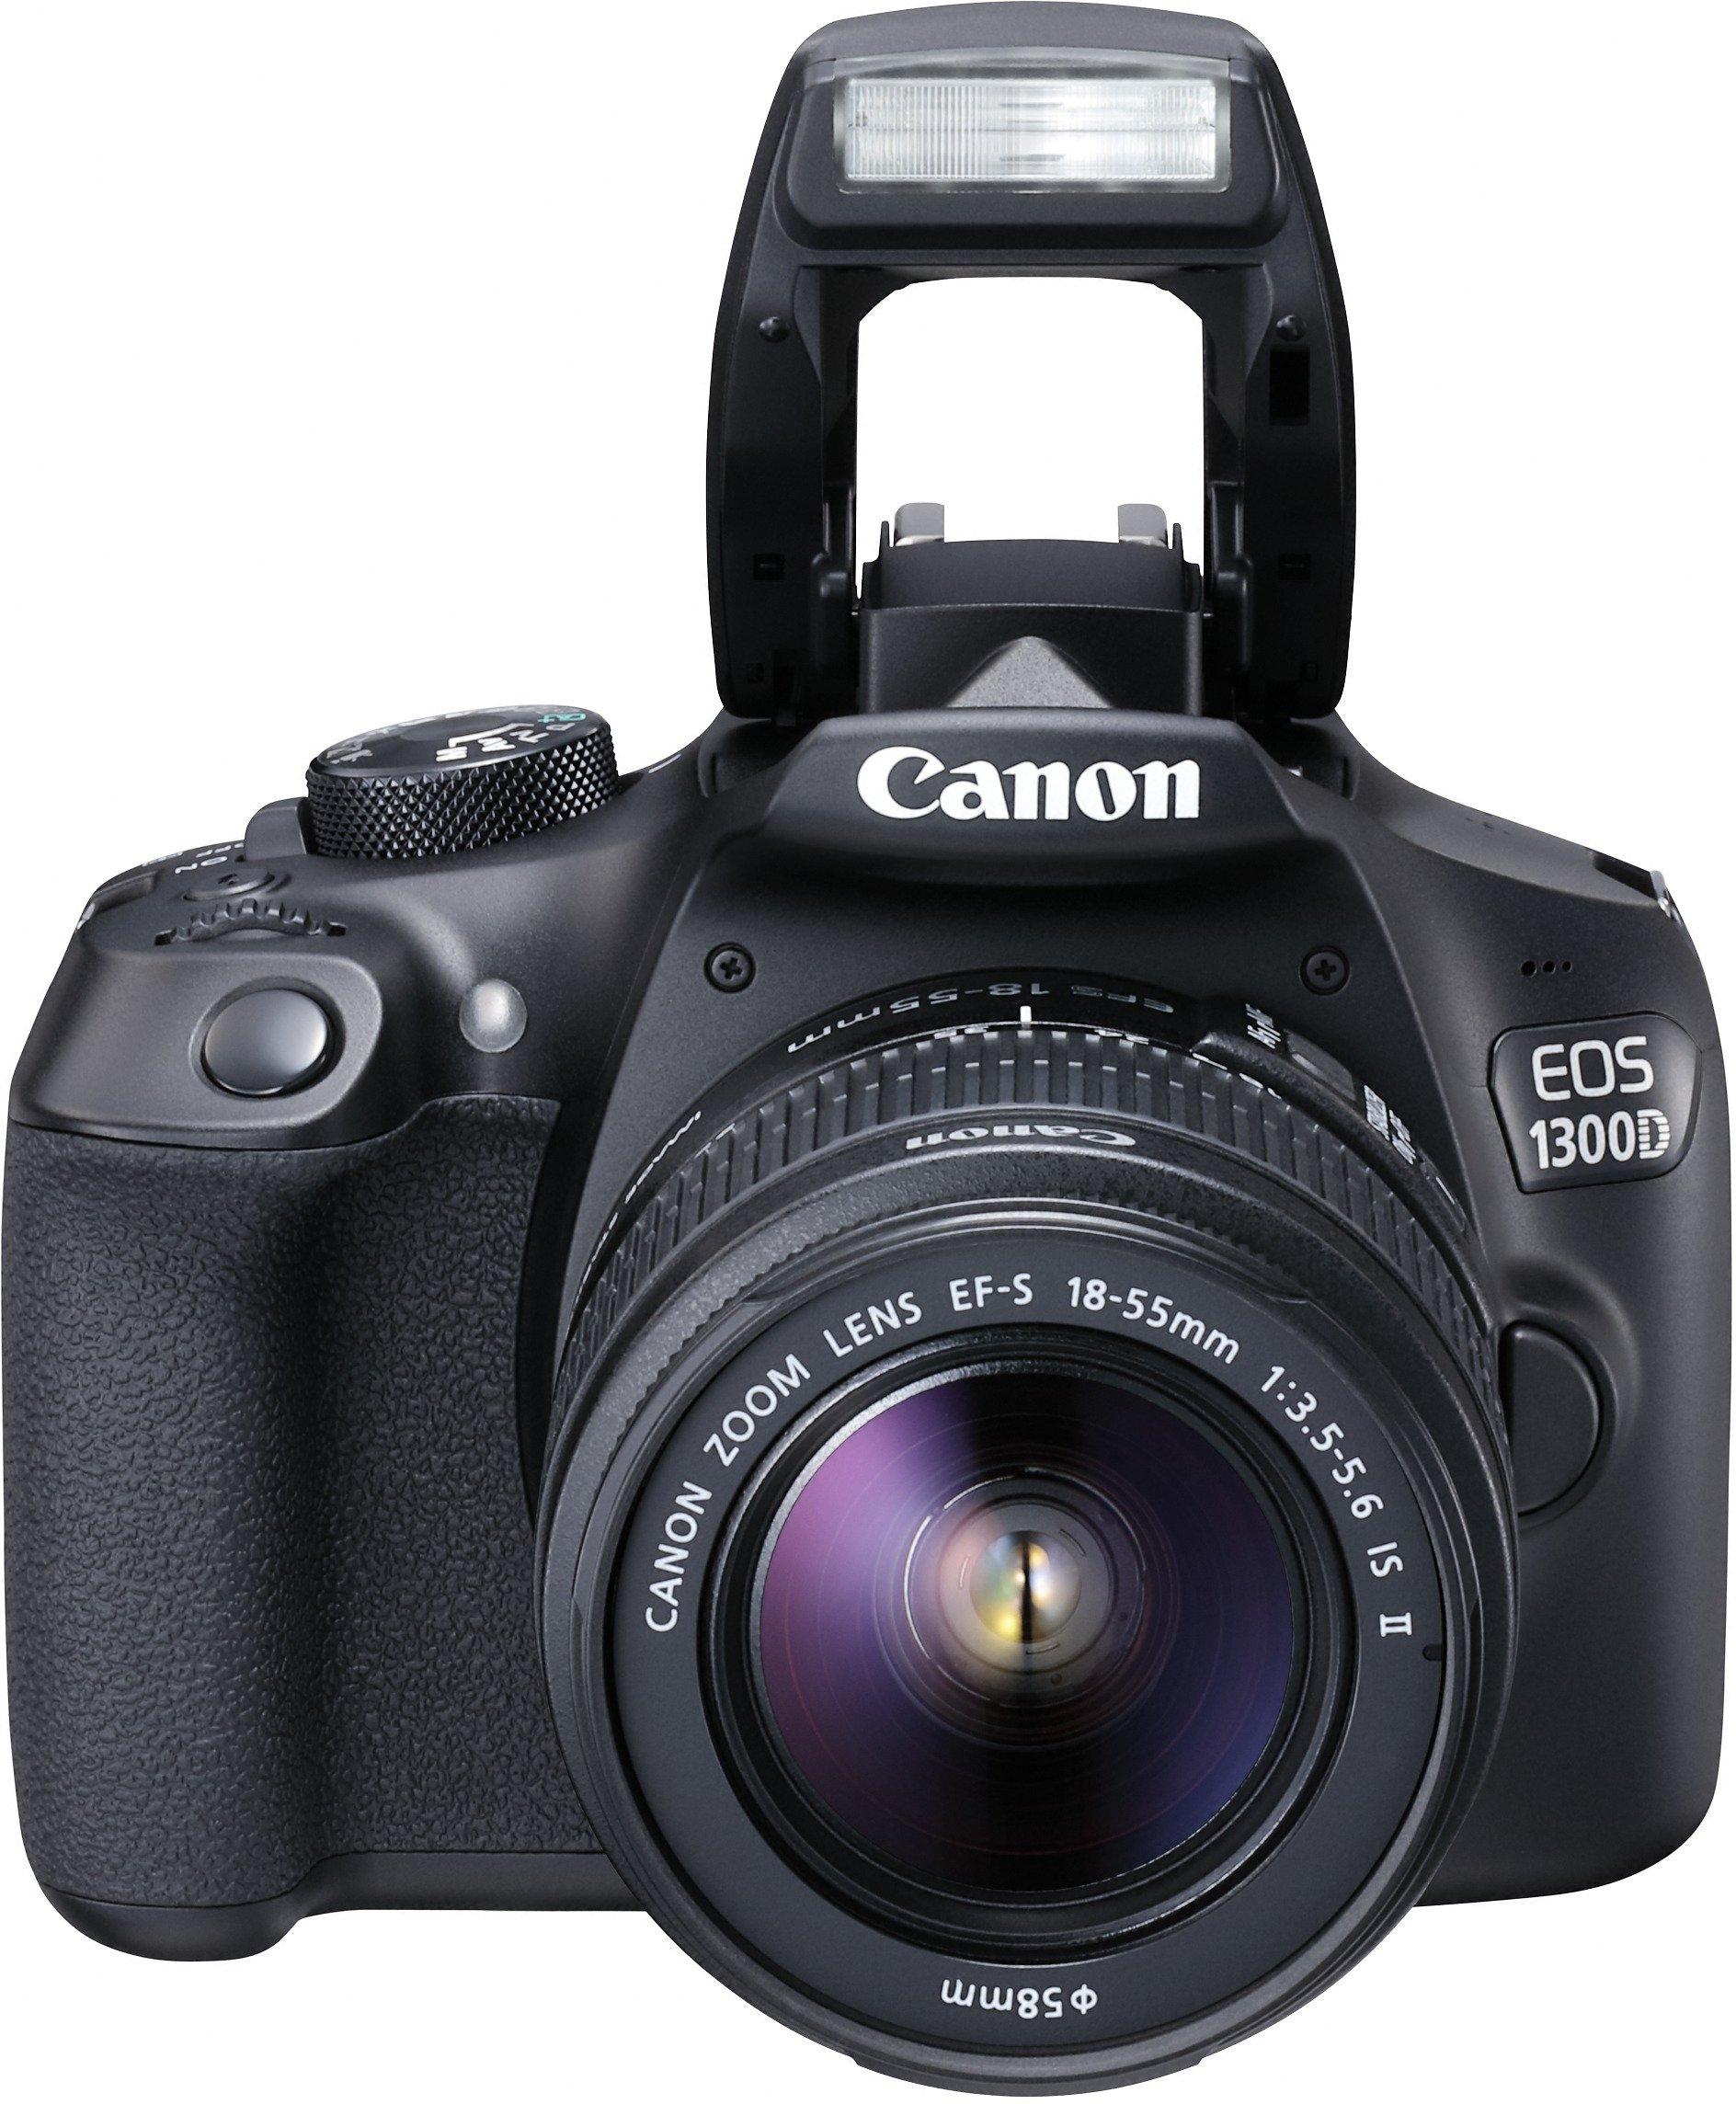 Canon EOS 1300D Kit Fotocamera Reflex Digitale da 18 Megapixel con Obiettivo EF-S IS II 18-55 mm, Wi-Fi, NFC, Versione EU, Nero/Antracite product image